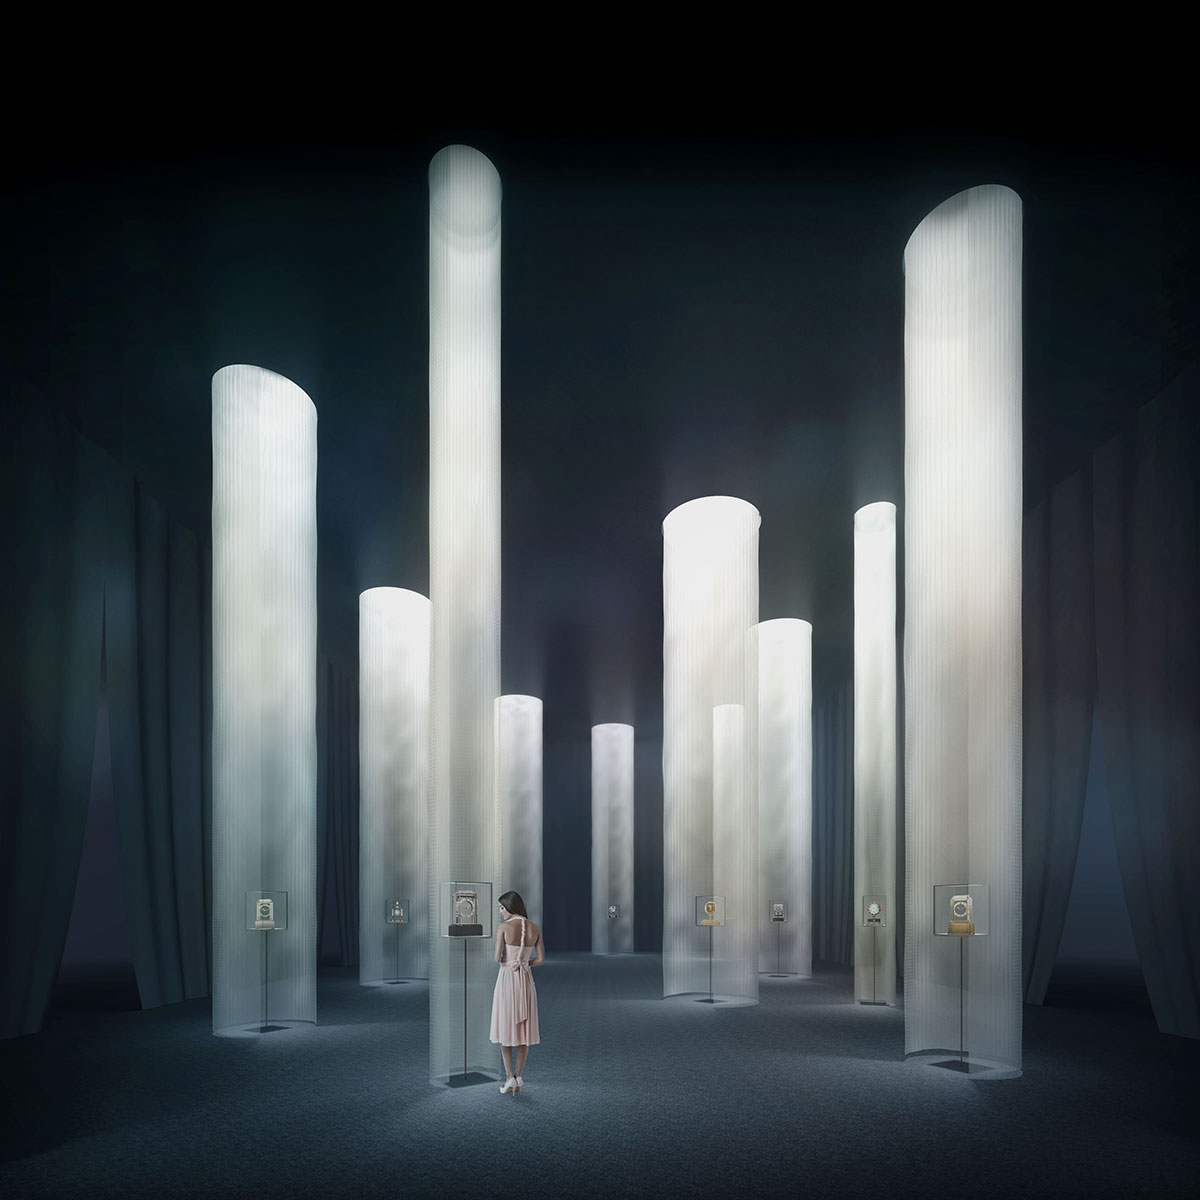 会場イメージ 序章「時の間」 新素材研究所 © N.M.R.L. / Hiroshi Sugimoto + Tomoyuki Sakakida